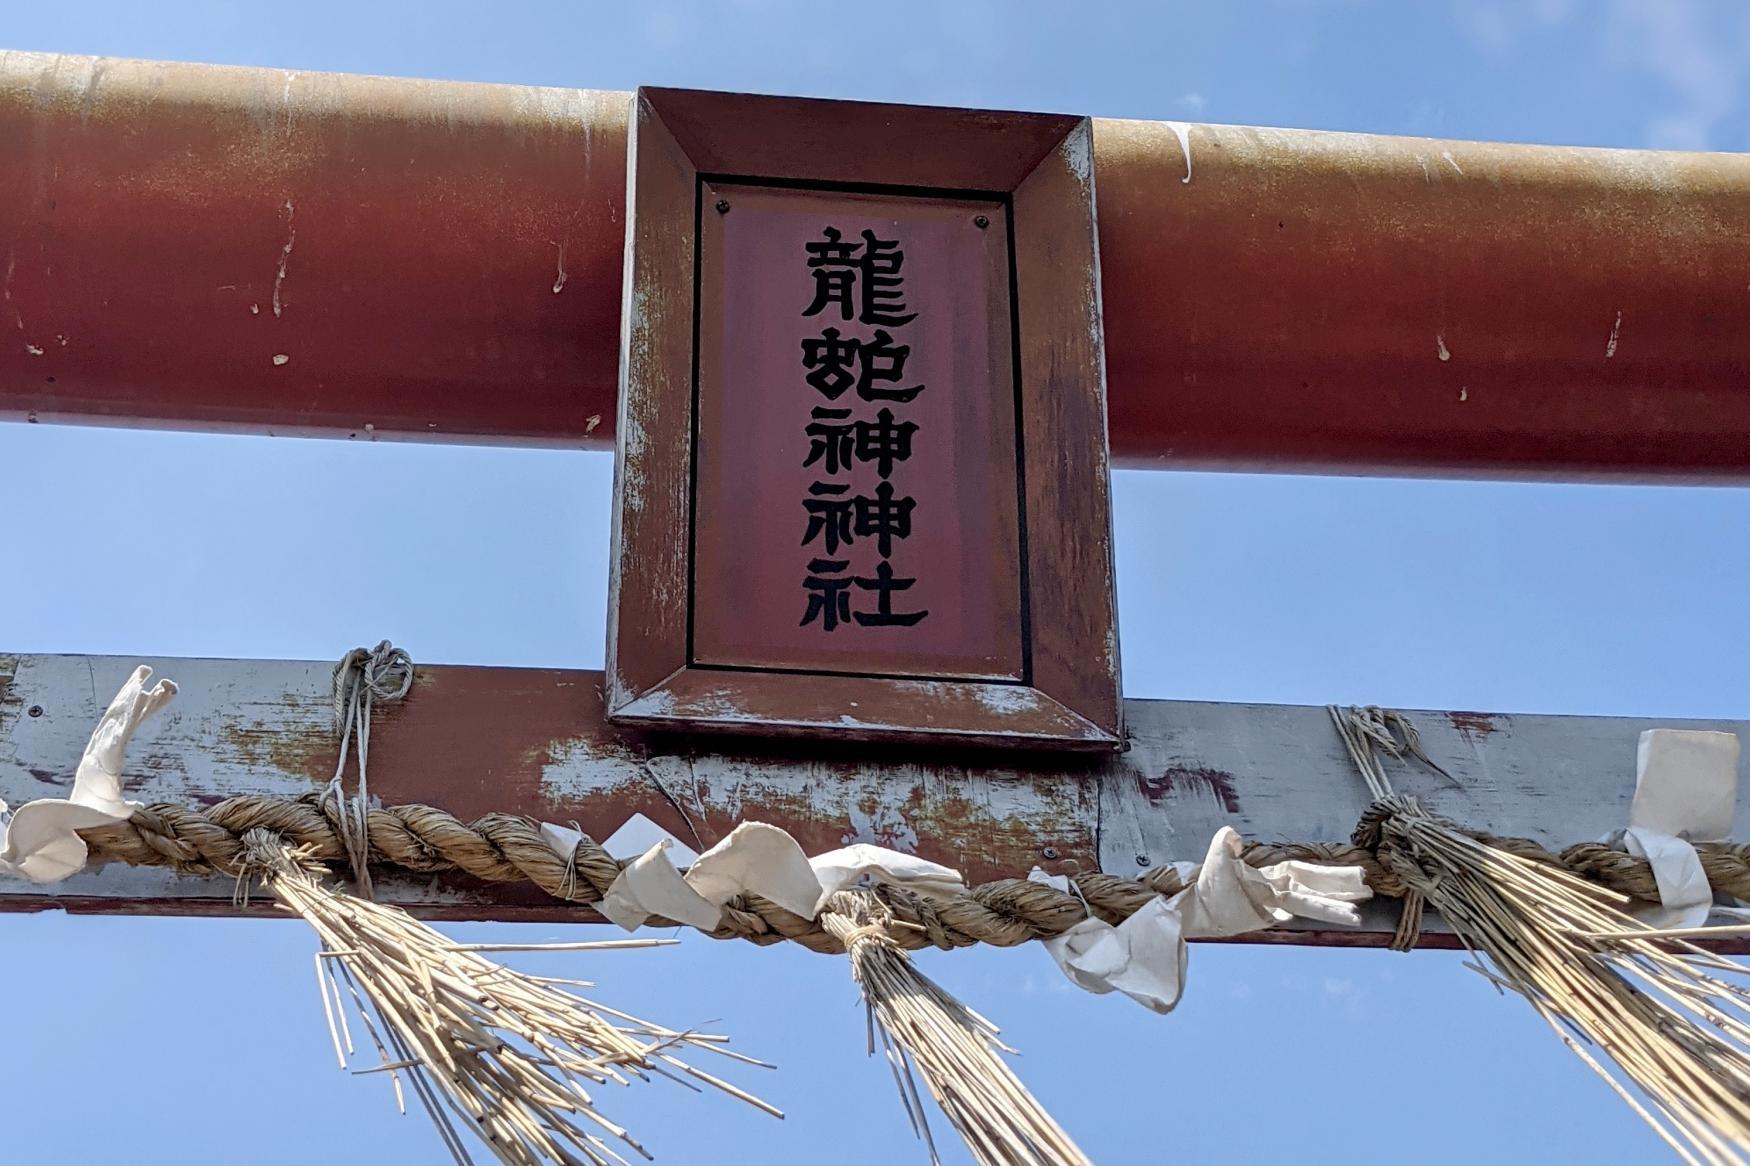 龍蛇神社(芦辺町) ~龍の背中?奇石が広がるパワースポット~-1